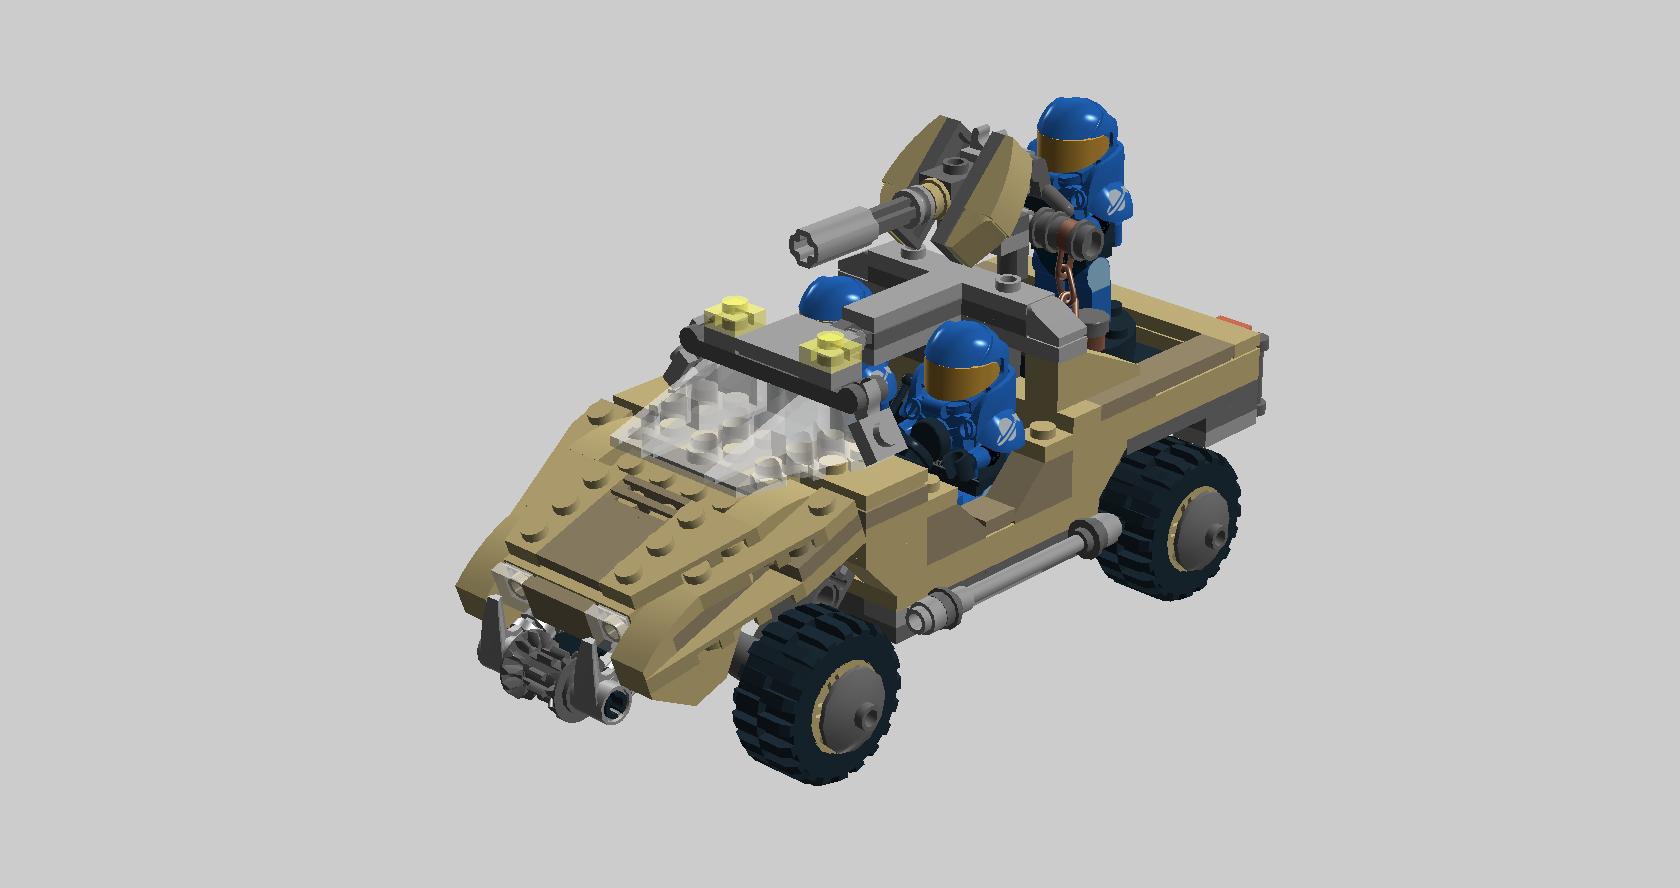 LEGO Halo - M12 Warthog LRV by Aurik-Kal-Durin on DeviantArt